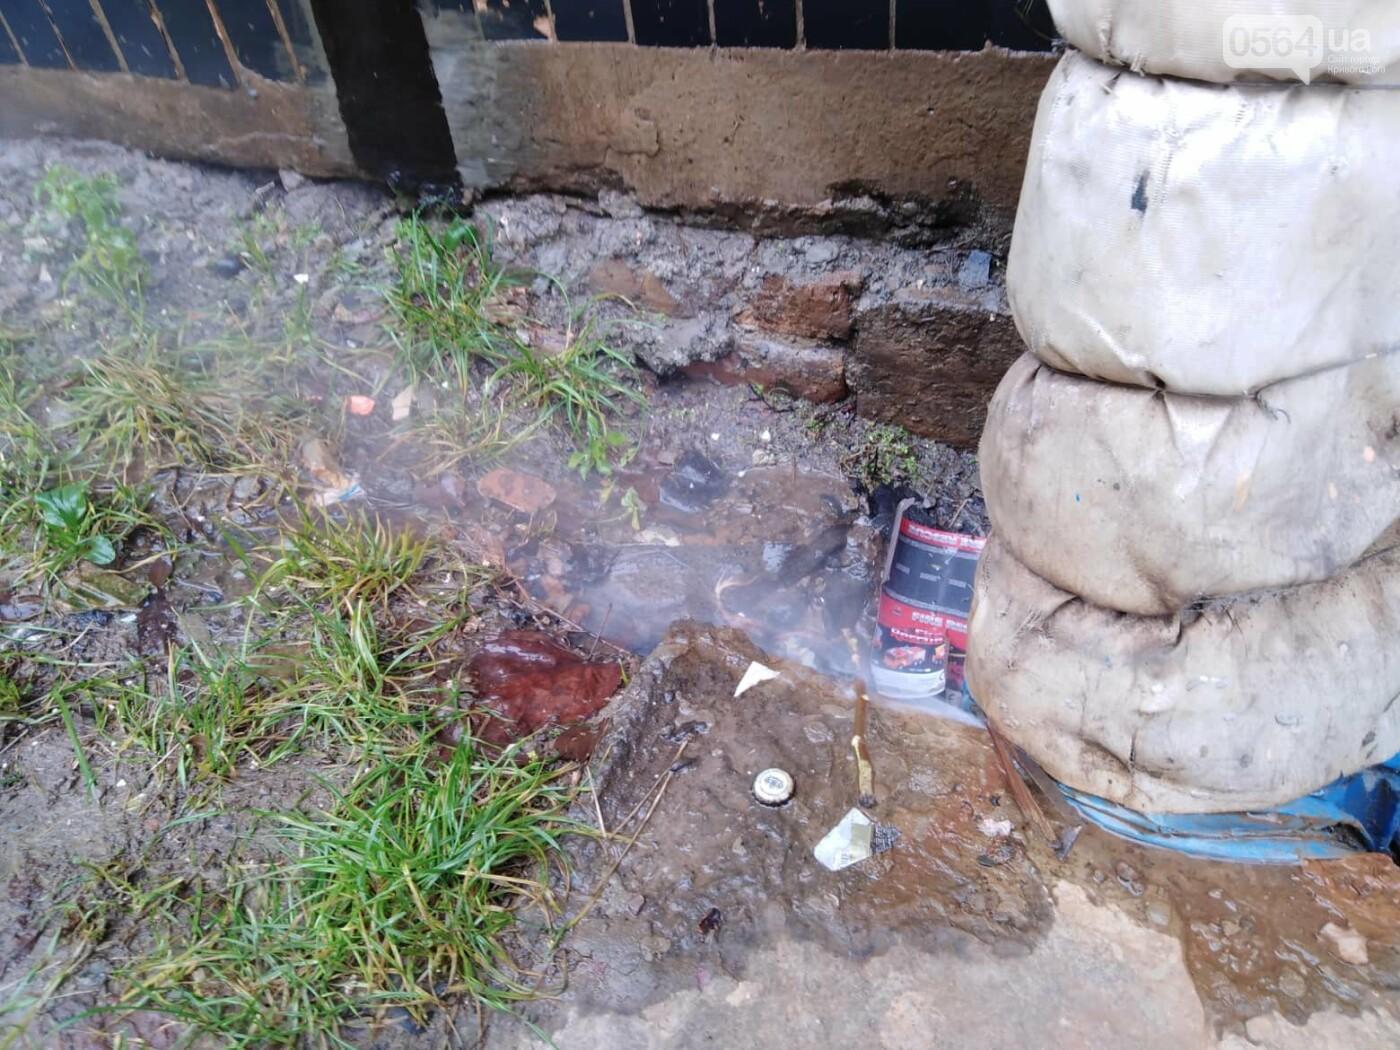 Не дождавшись тепловиков, криворожане принялись ликвидировать аварию на теплосети подручными средствами, - ФОТО, фото-2